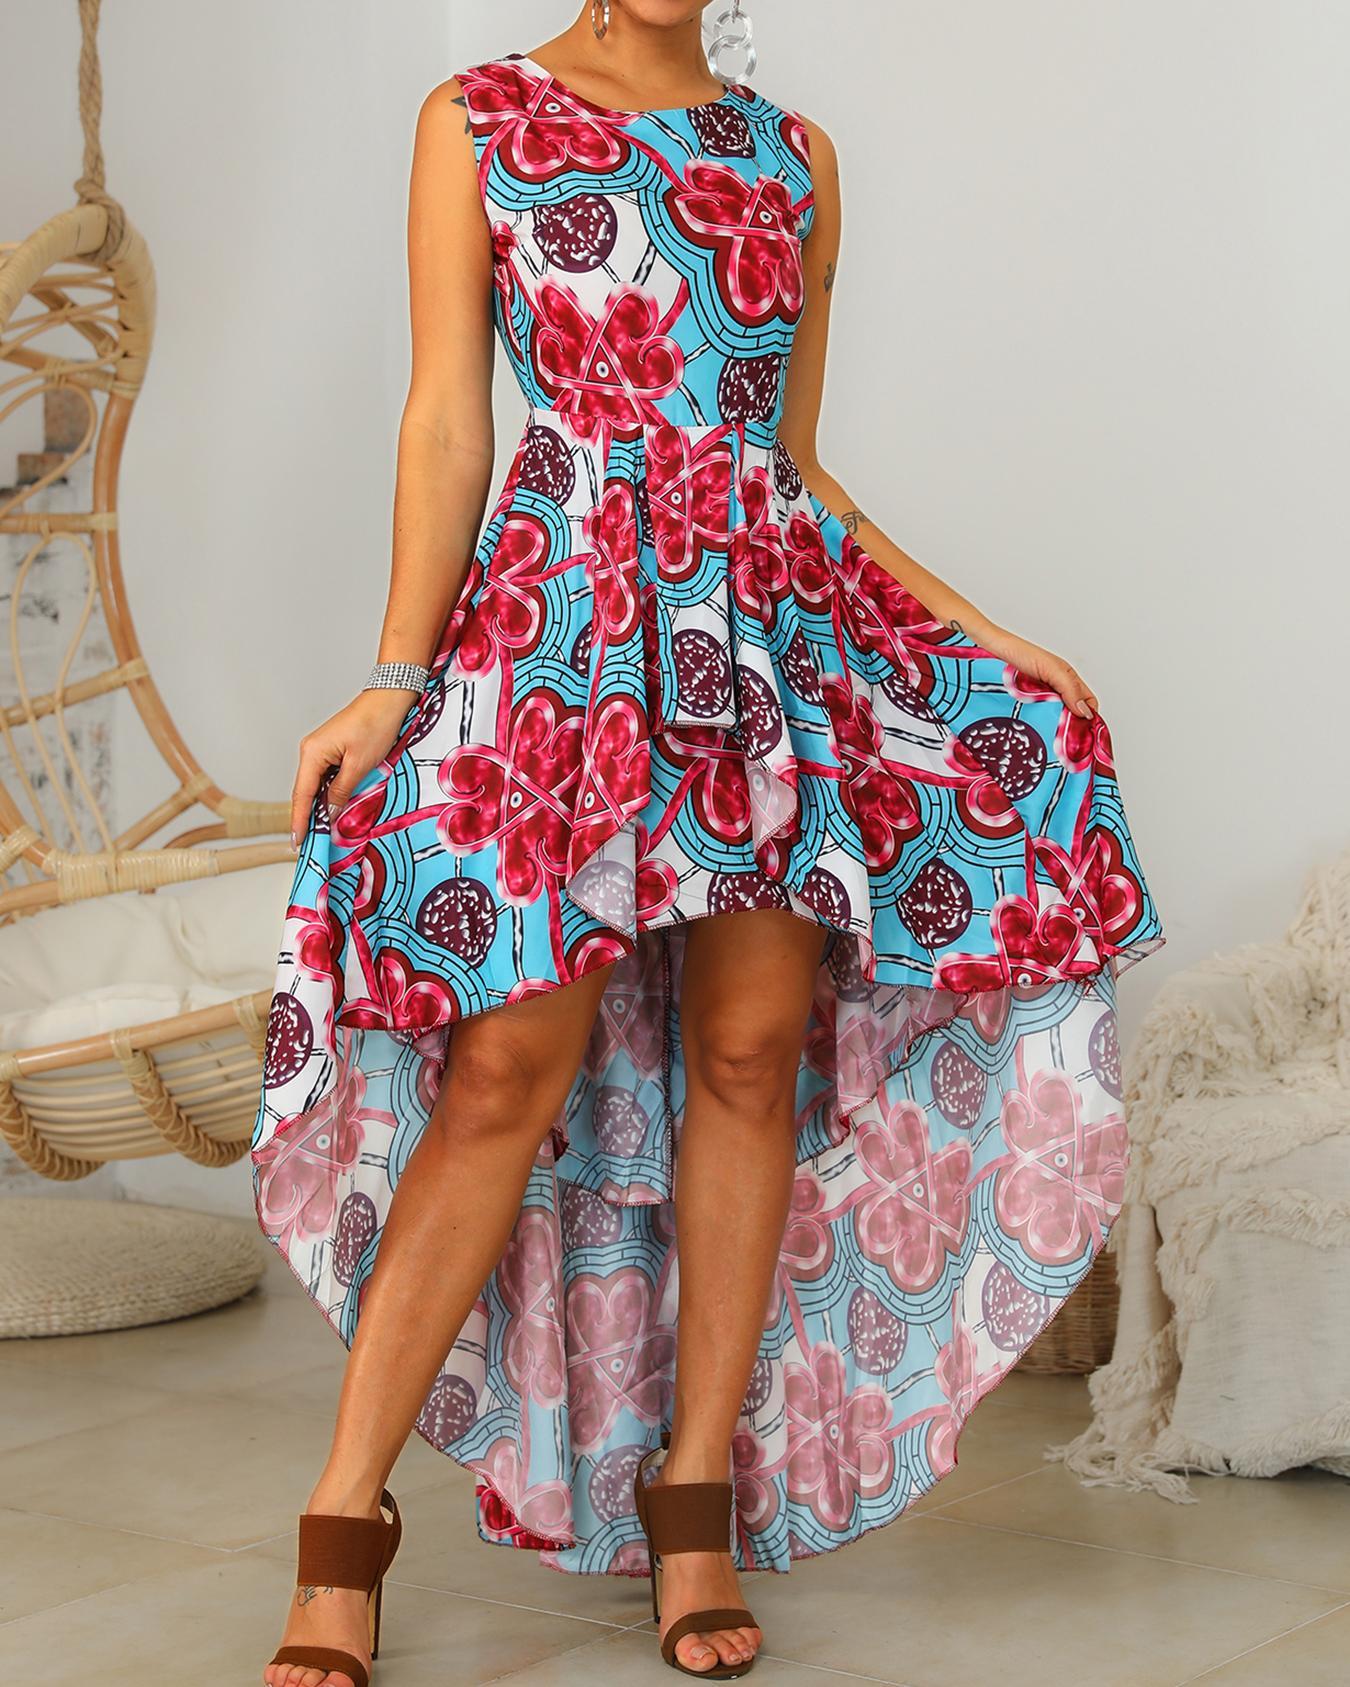 boutiquefeel / Vestido estampado floral con dobladillo y dobladillo